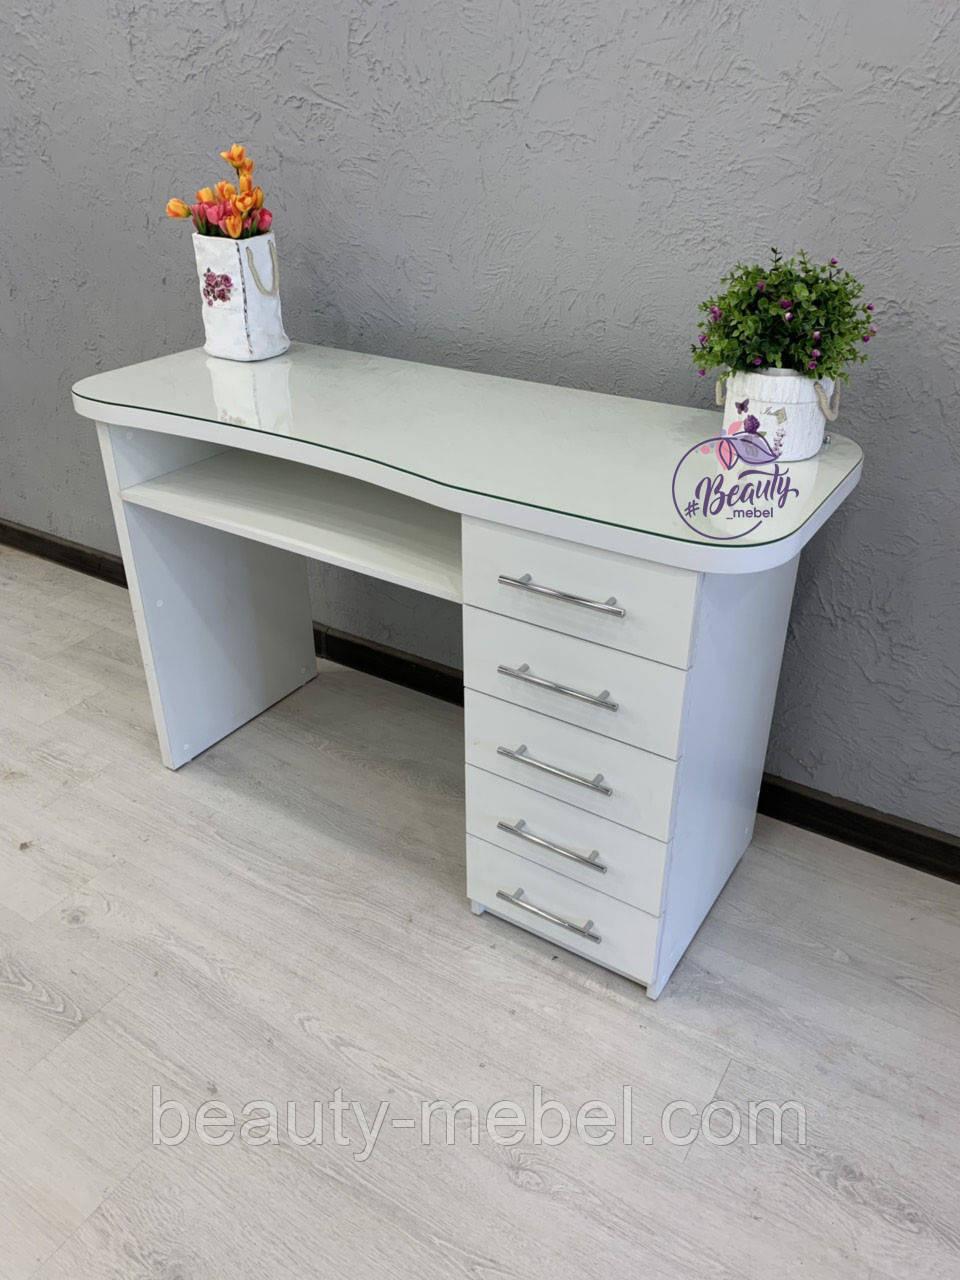 Маникюрный стол со стеклом на столешнице и удобными ящиками